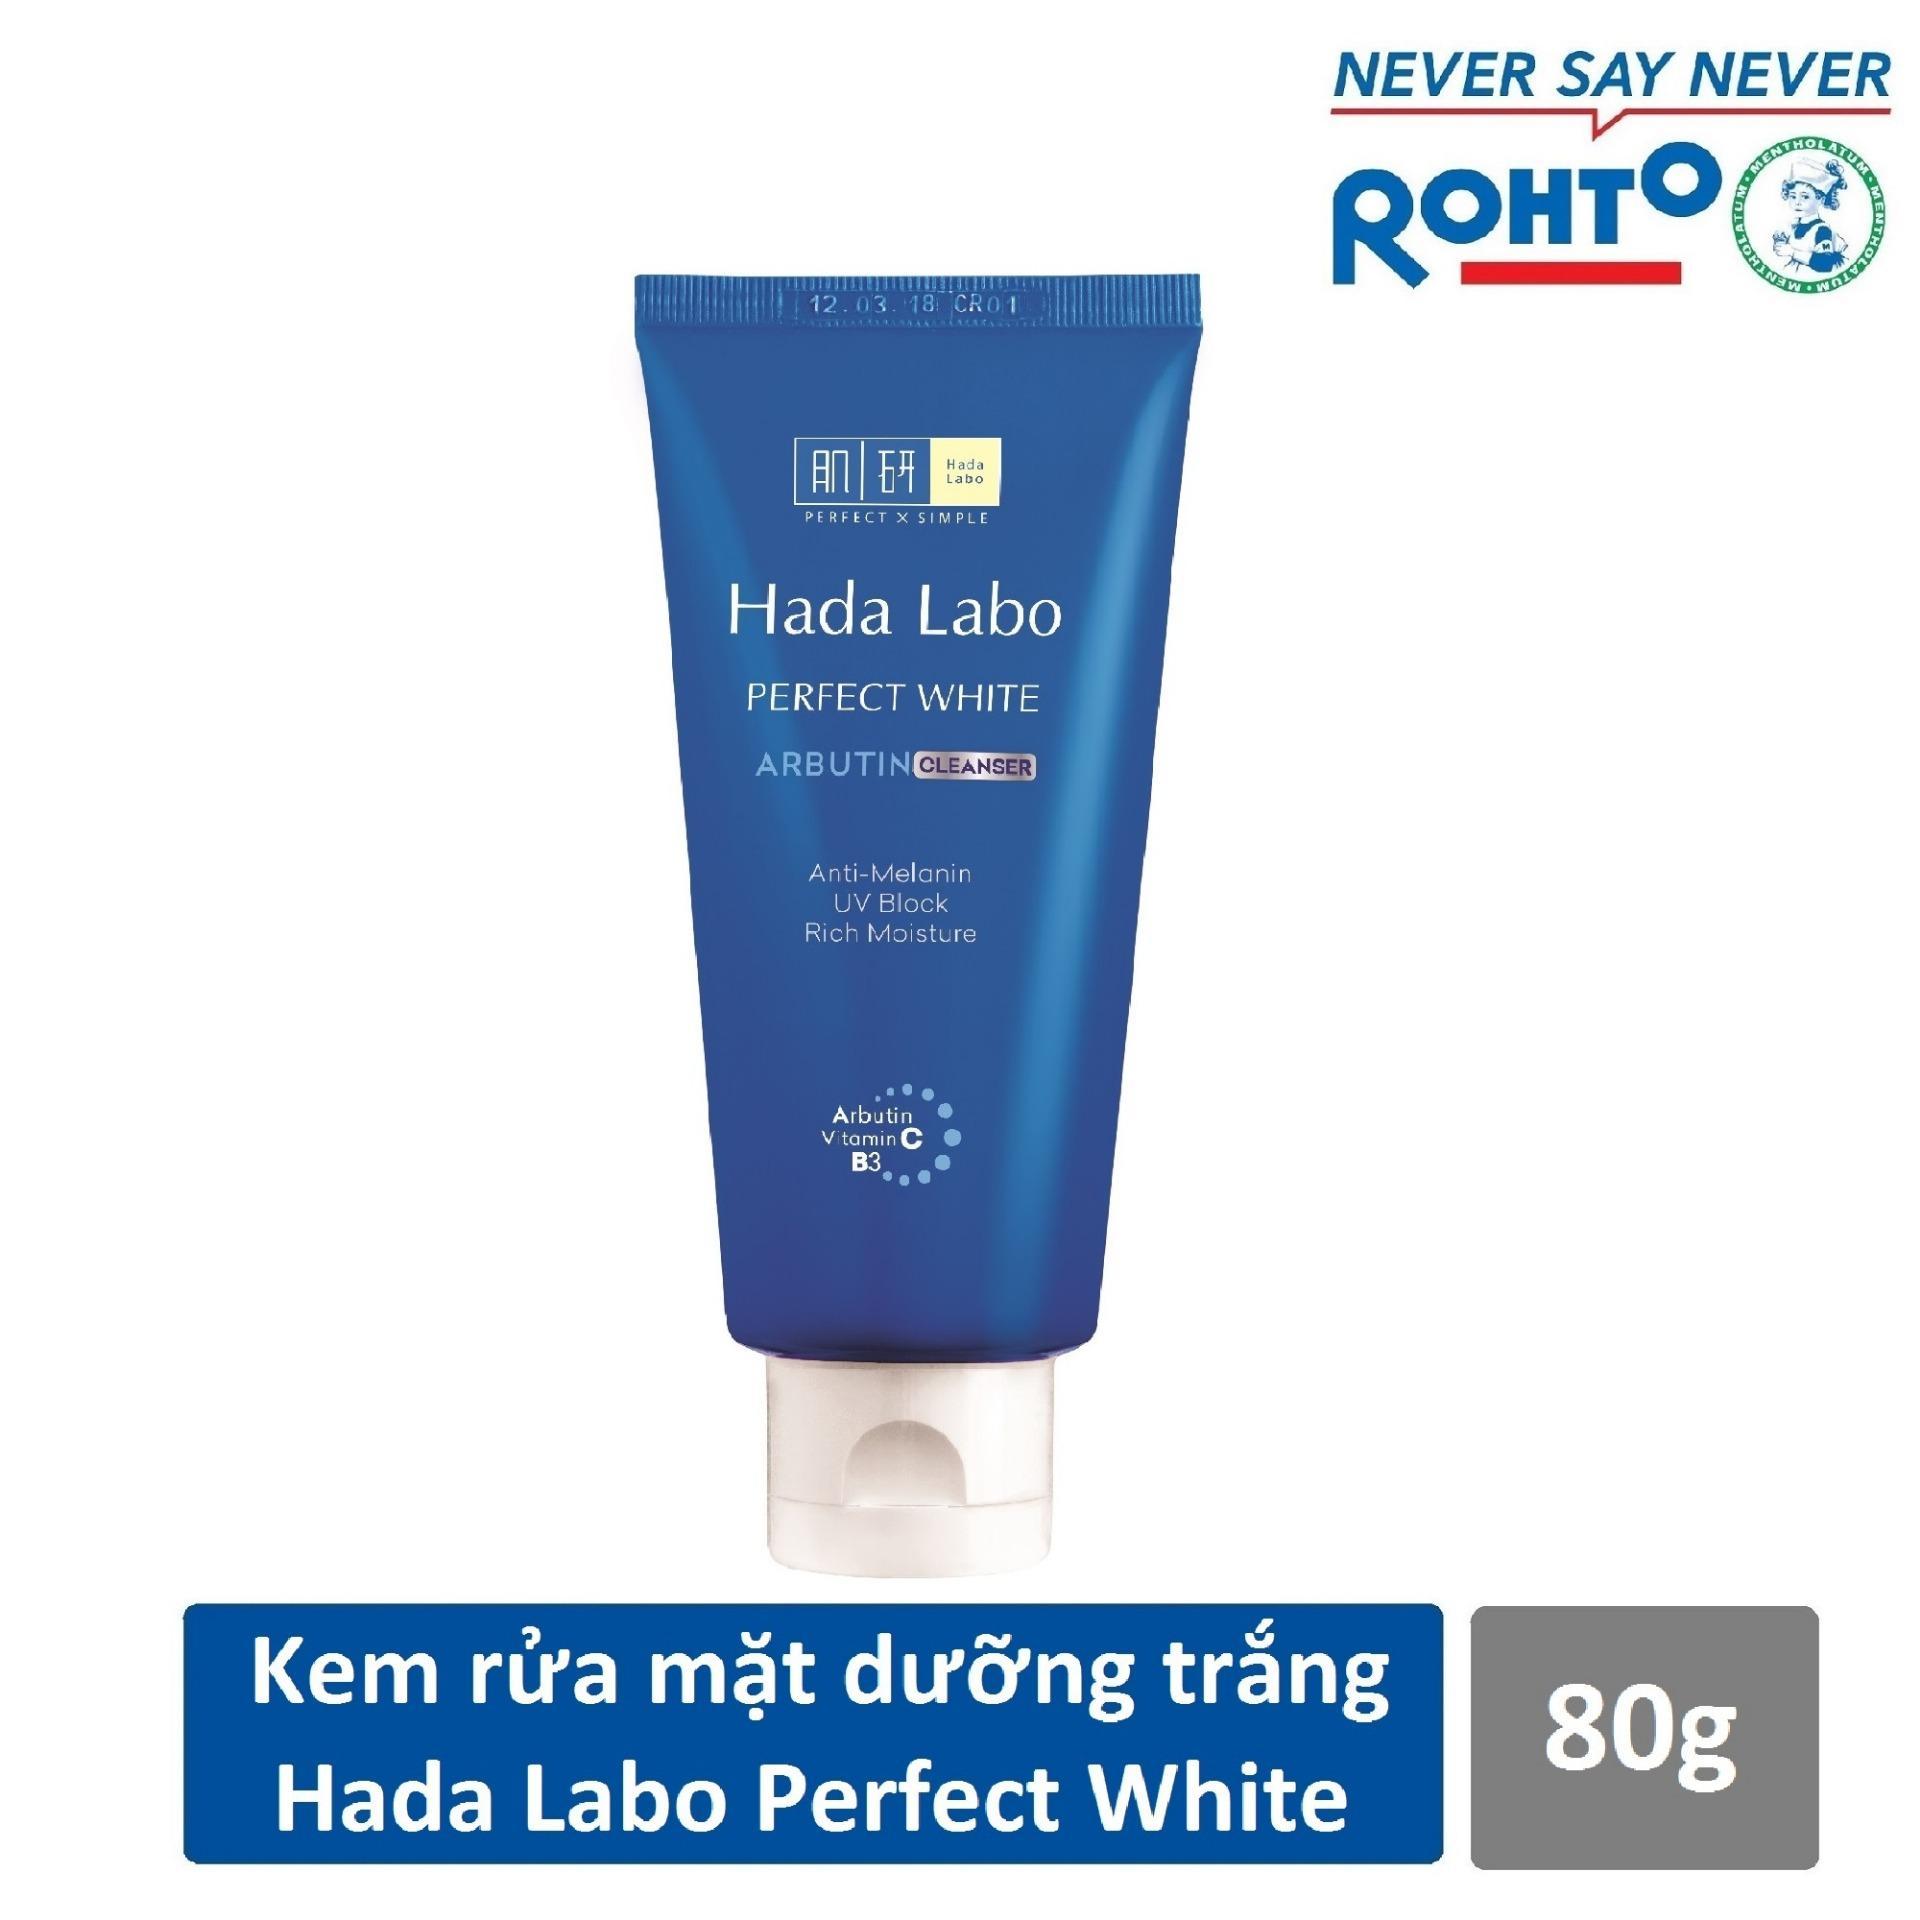 Kem rửa mặt dưỡng trắng Hada Labo Perfect White Cleanser 80g chính hãng